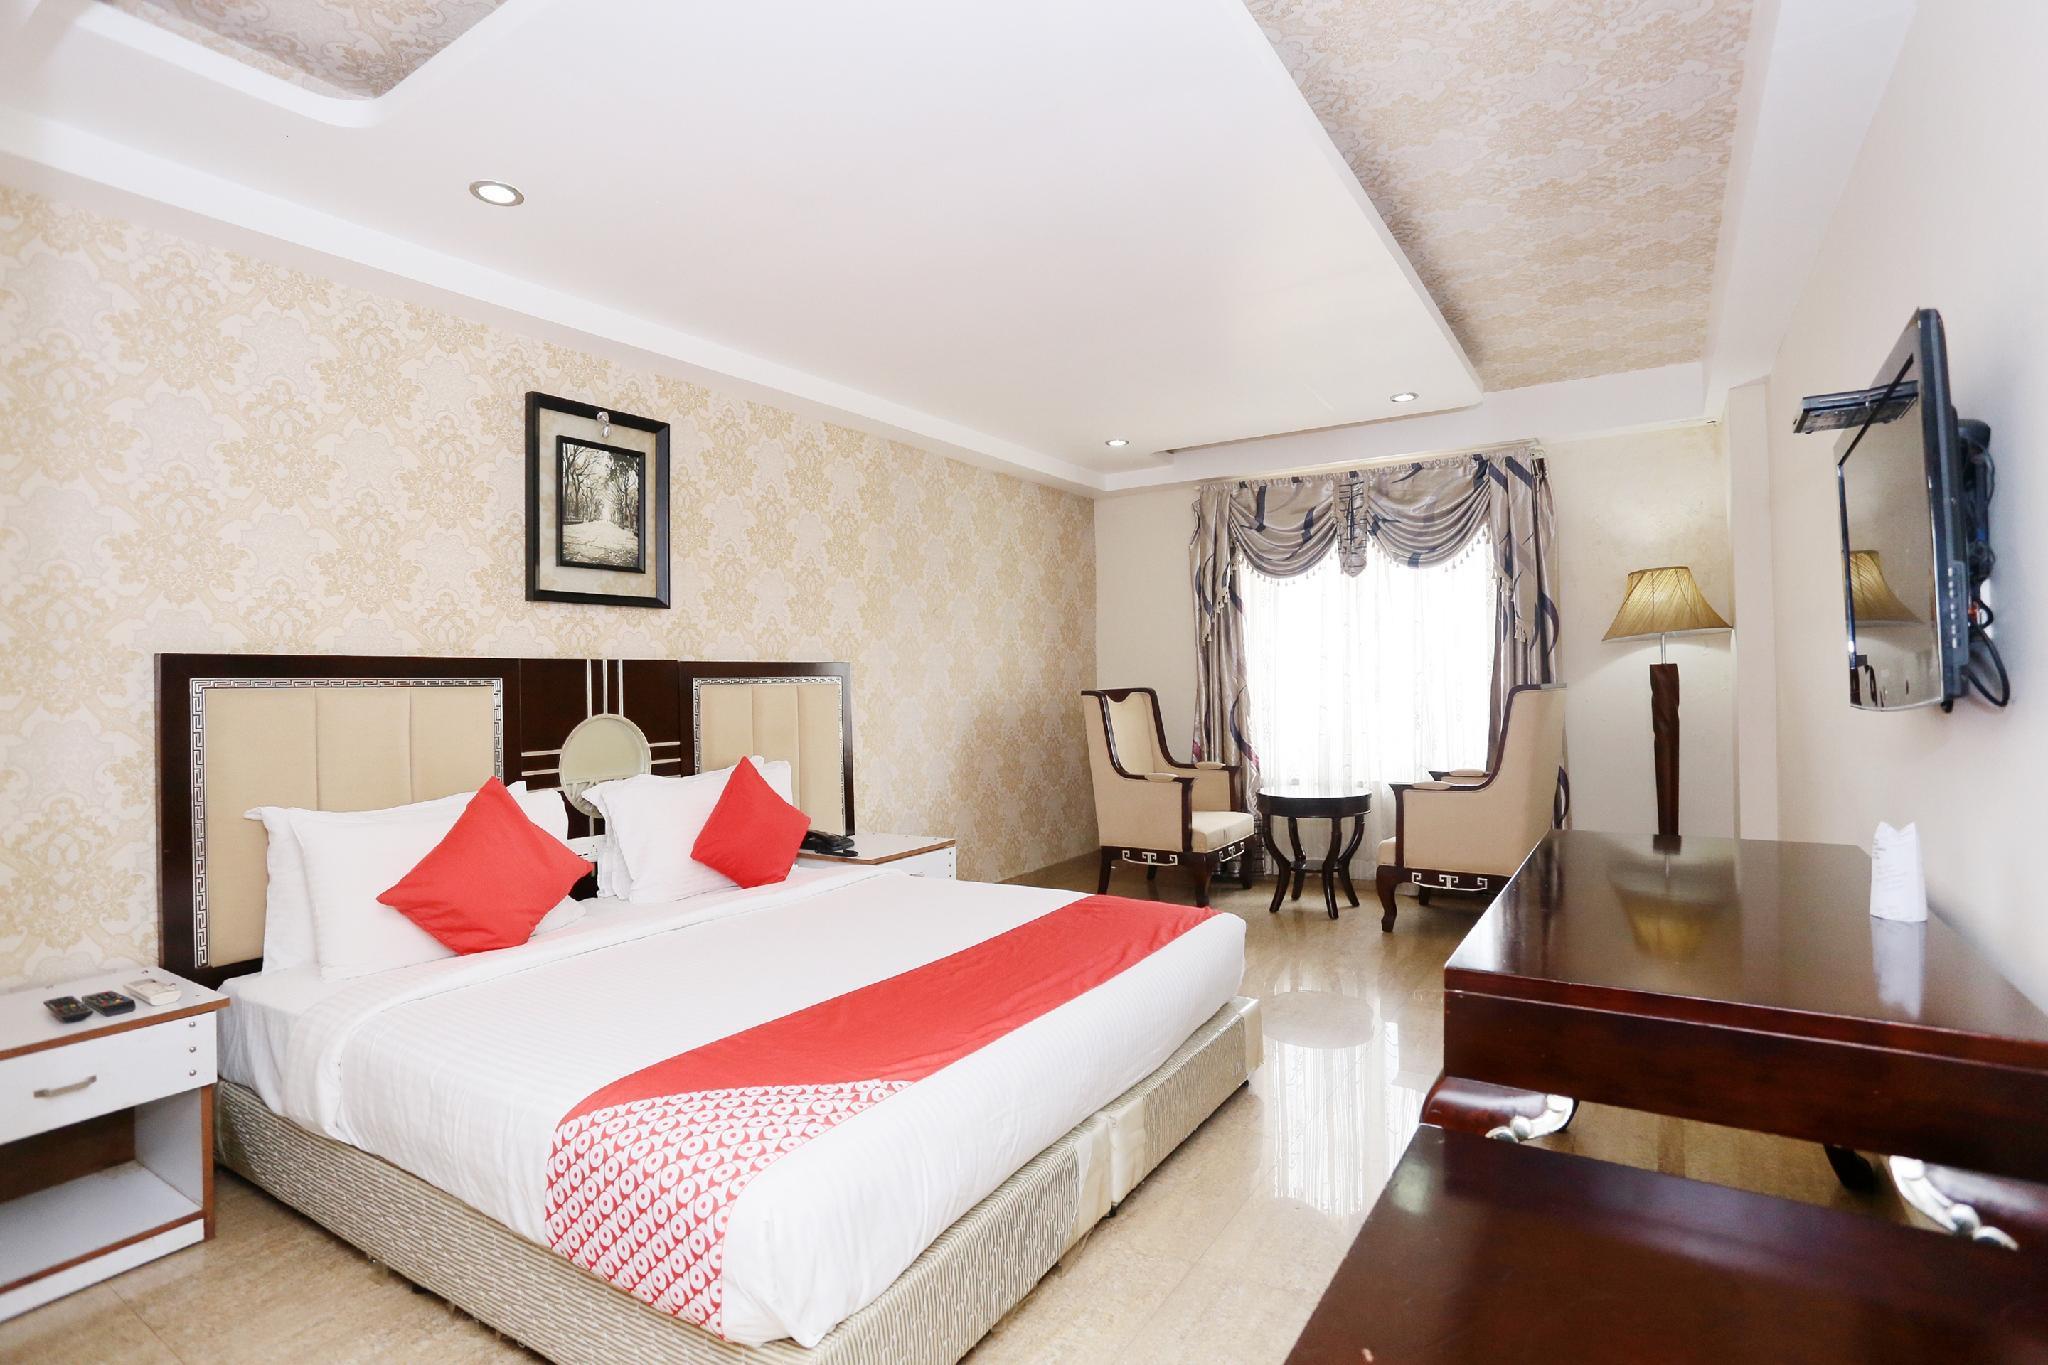 Capital O 36732 Sidhartha Luxury Buisness Class Hotel, Thrissur